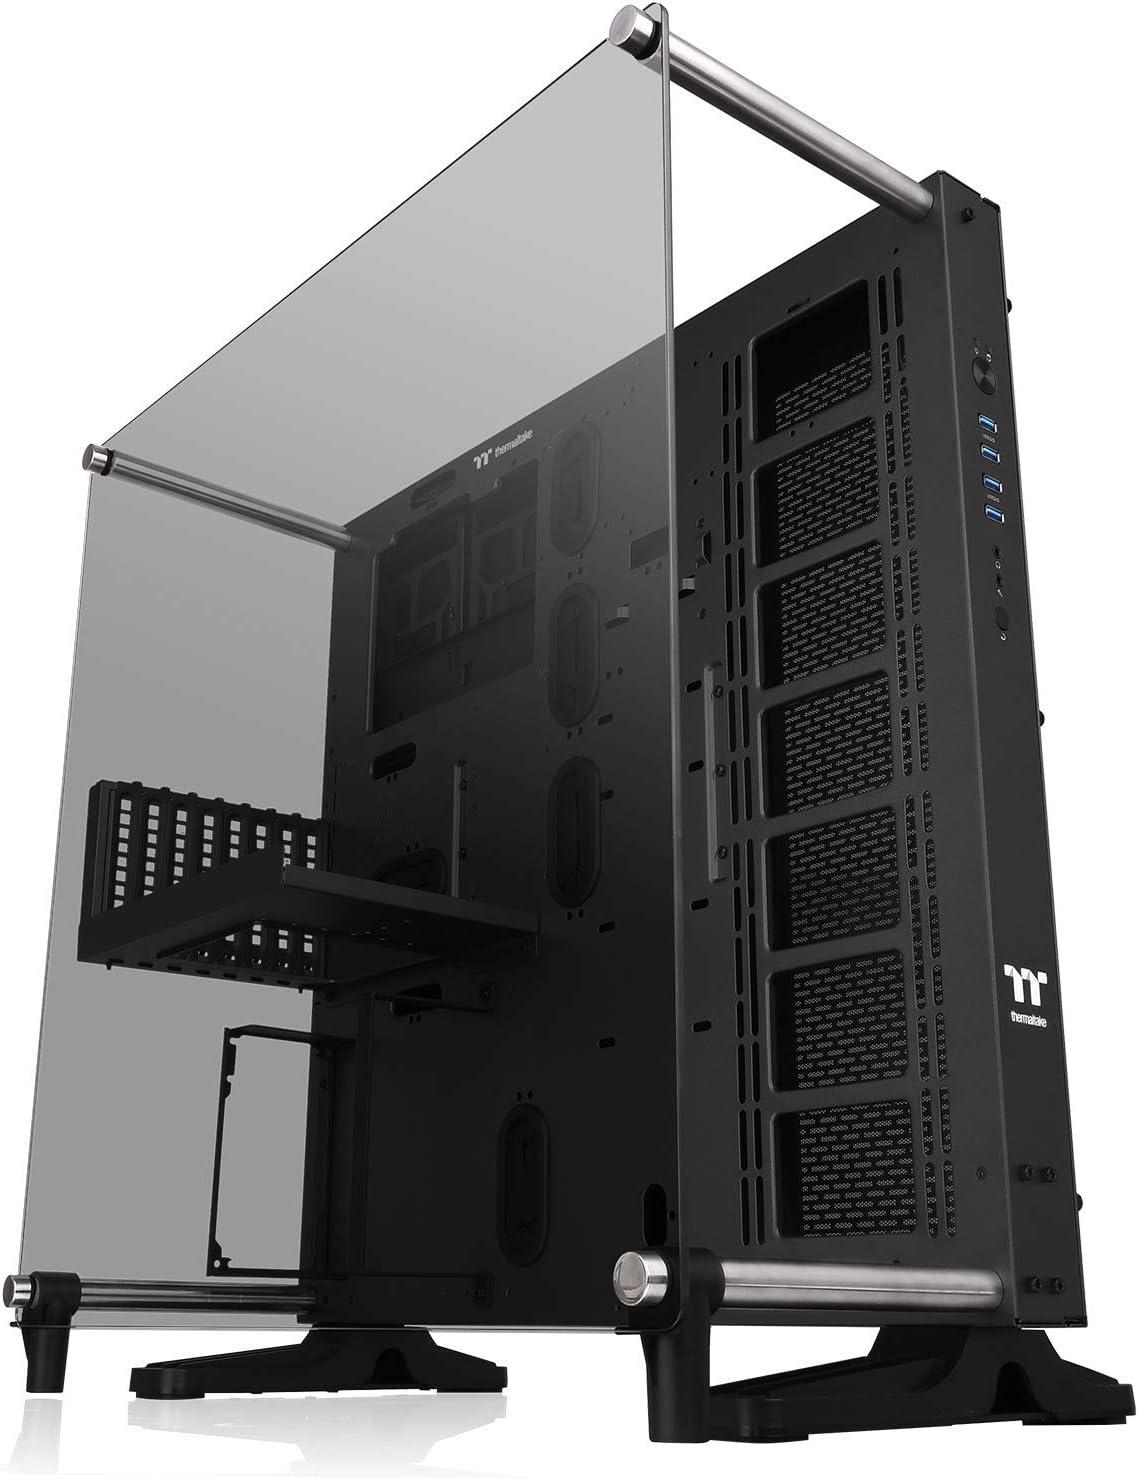 Thermaltake Core P5 Vidrio Templado V2 Edición Negra Marco Abierto Vertical GPU Modular ATX Computer Case CA-1E7-00M1WN-05: Amazon.es: Electrónica